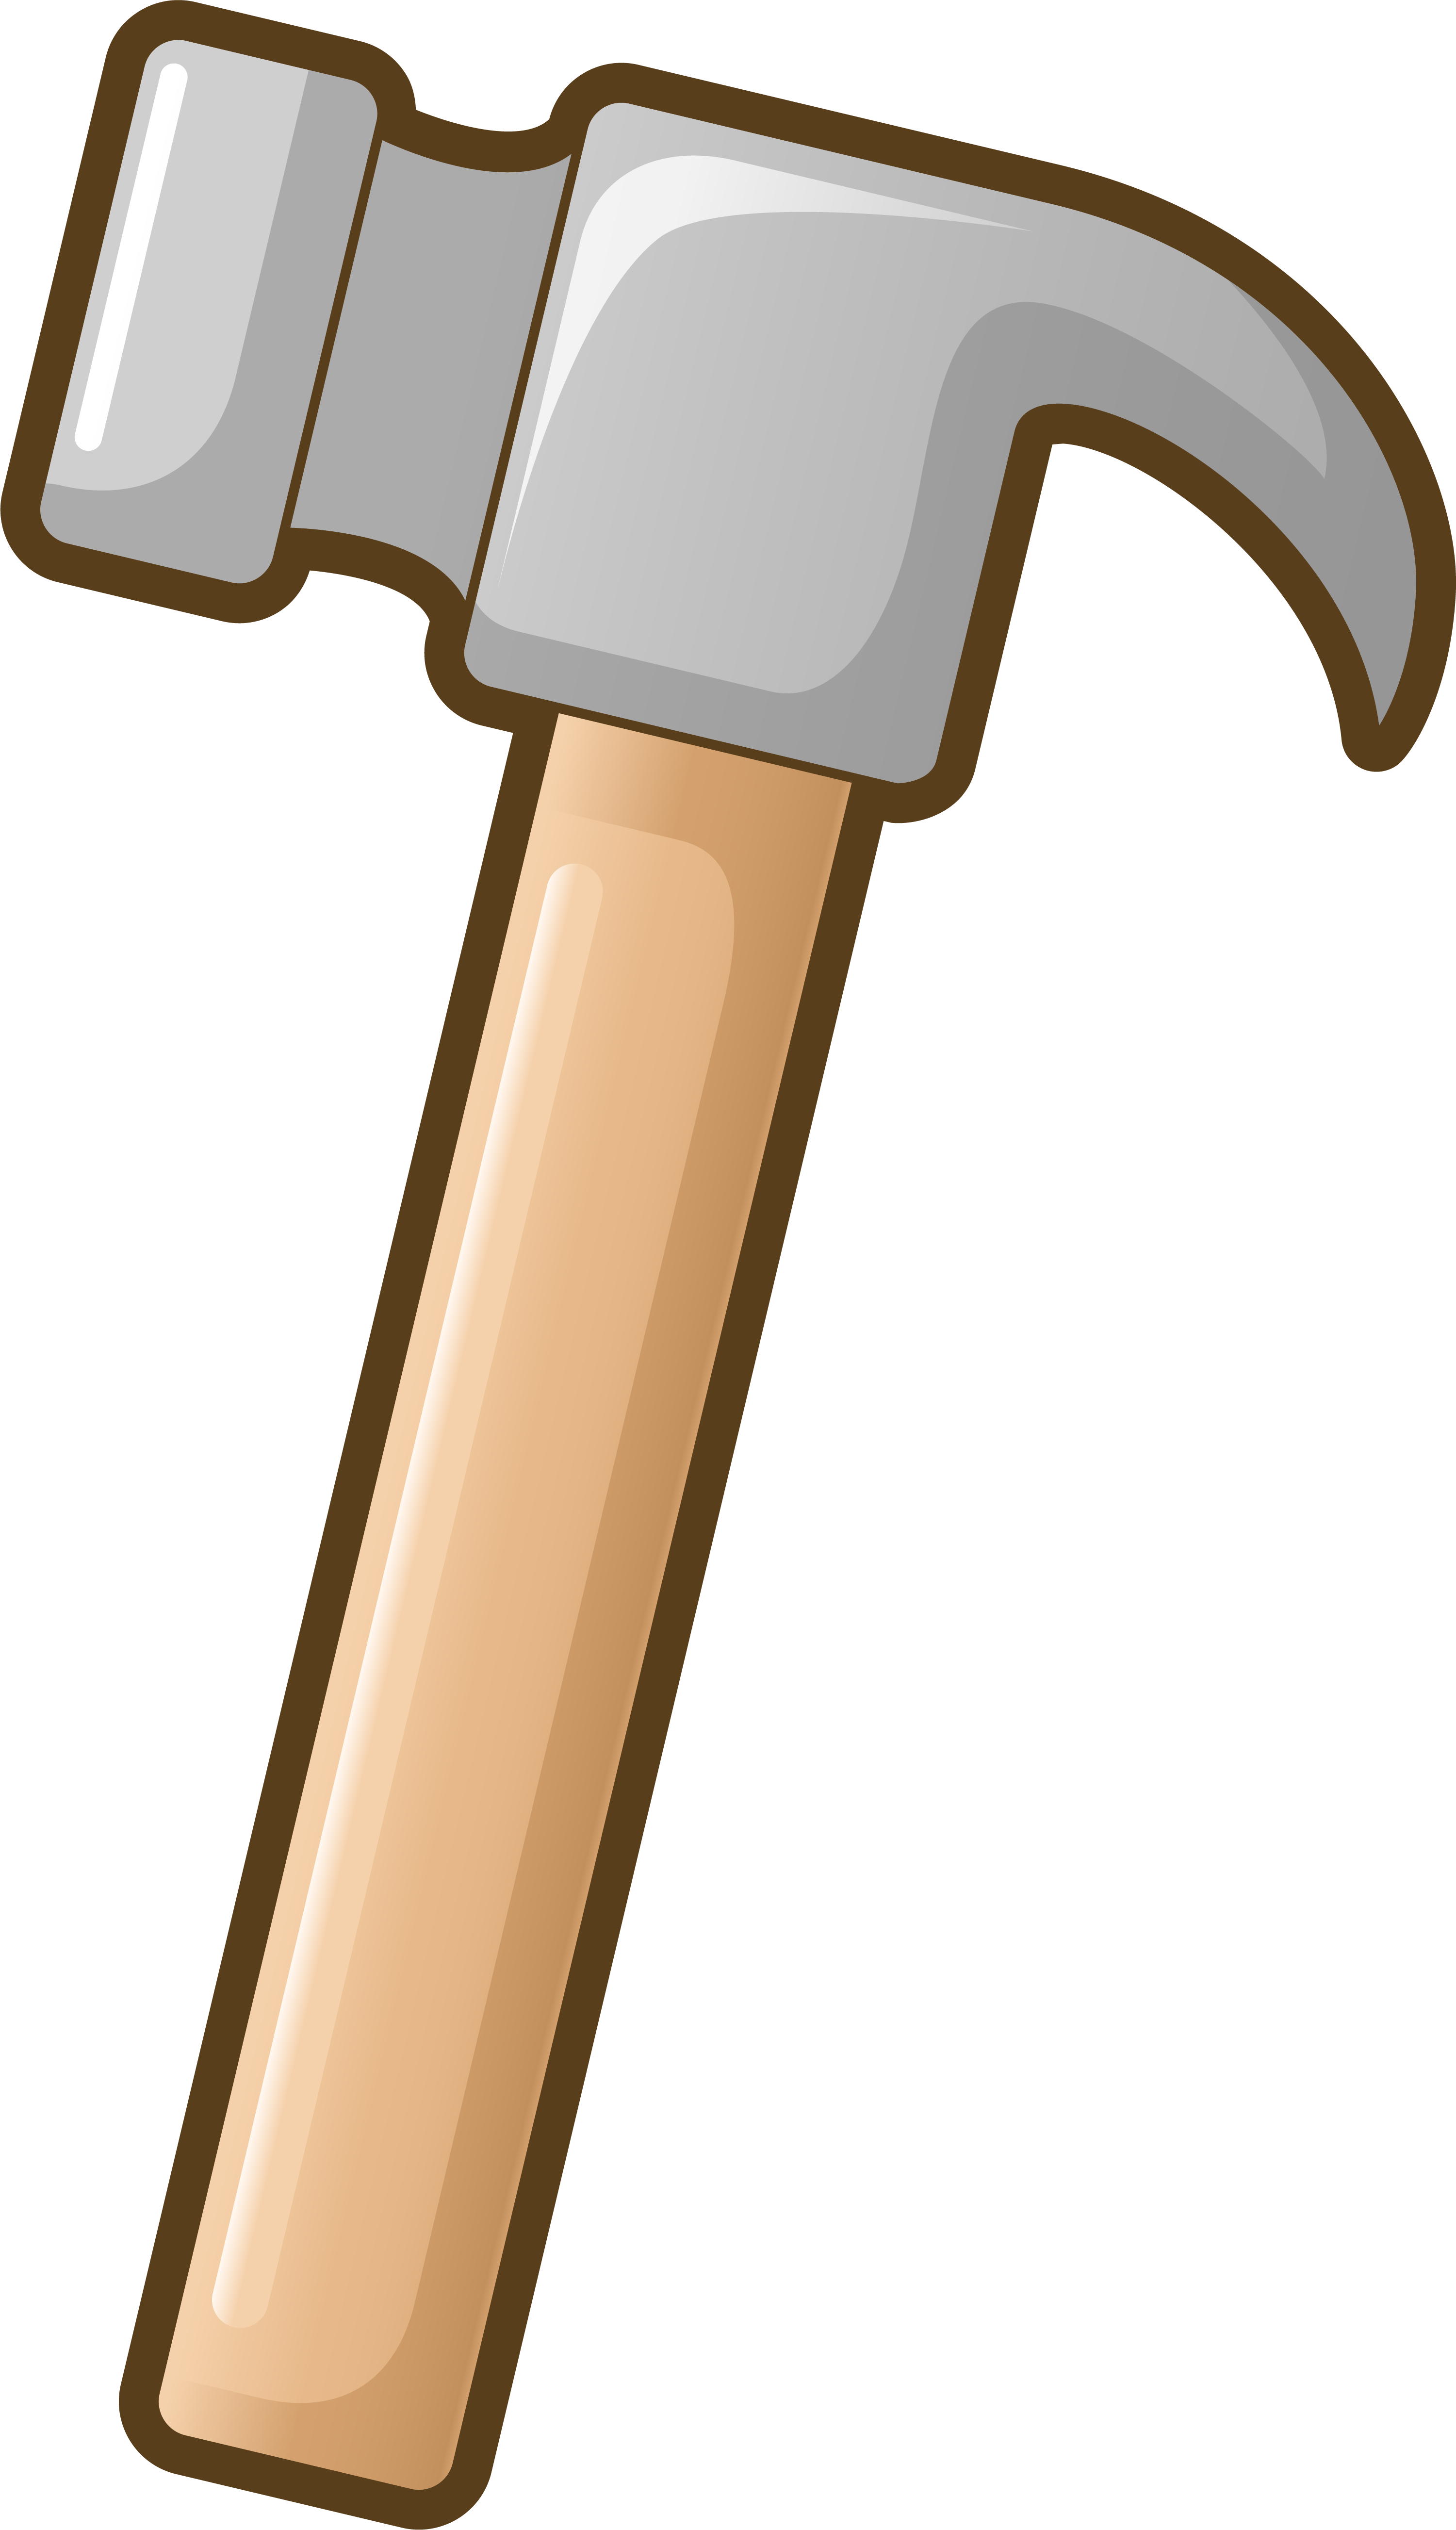 Hammer Tool Cartoon.